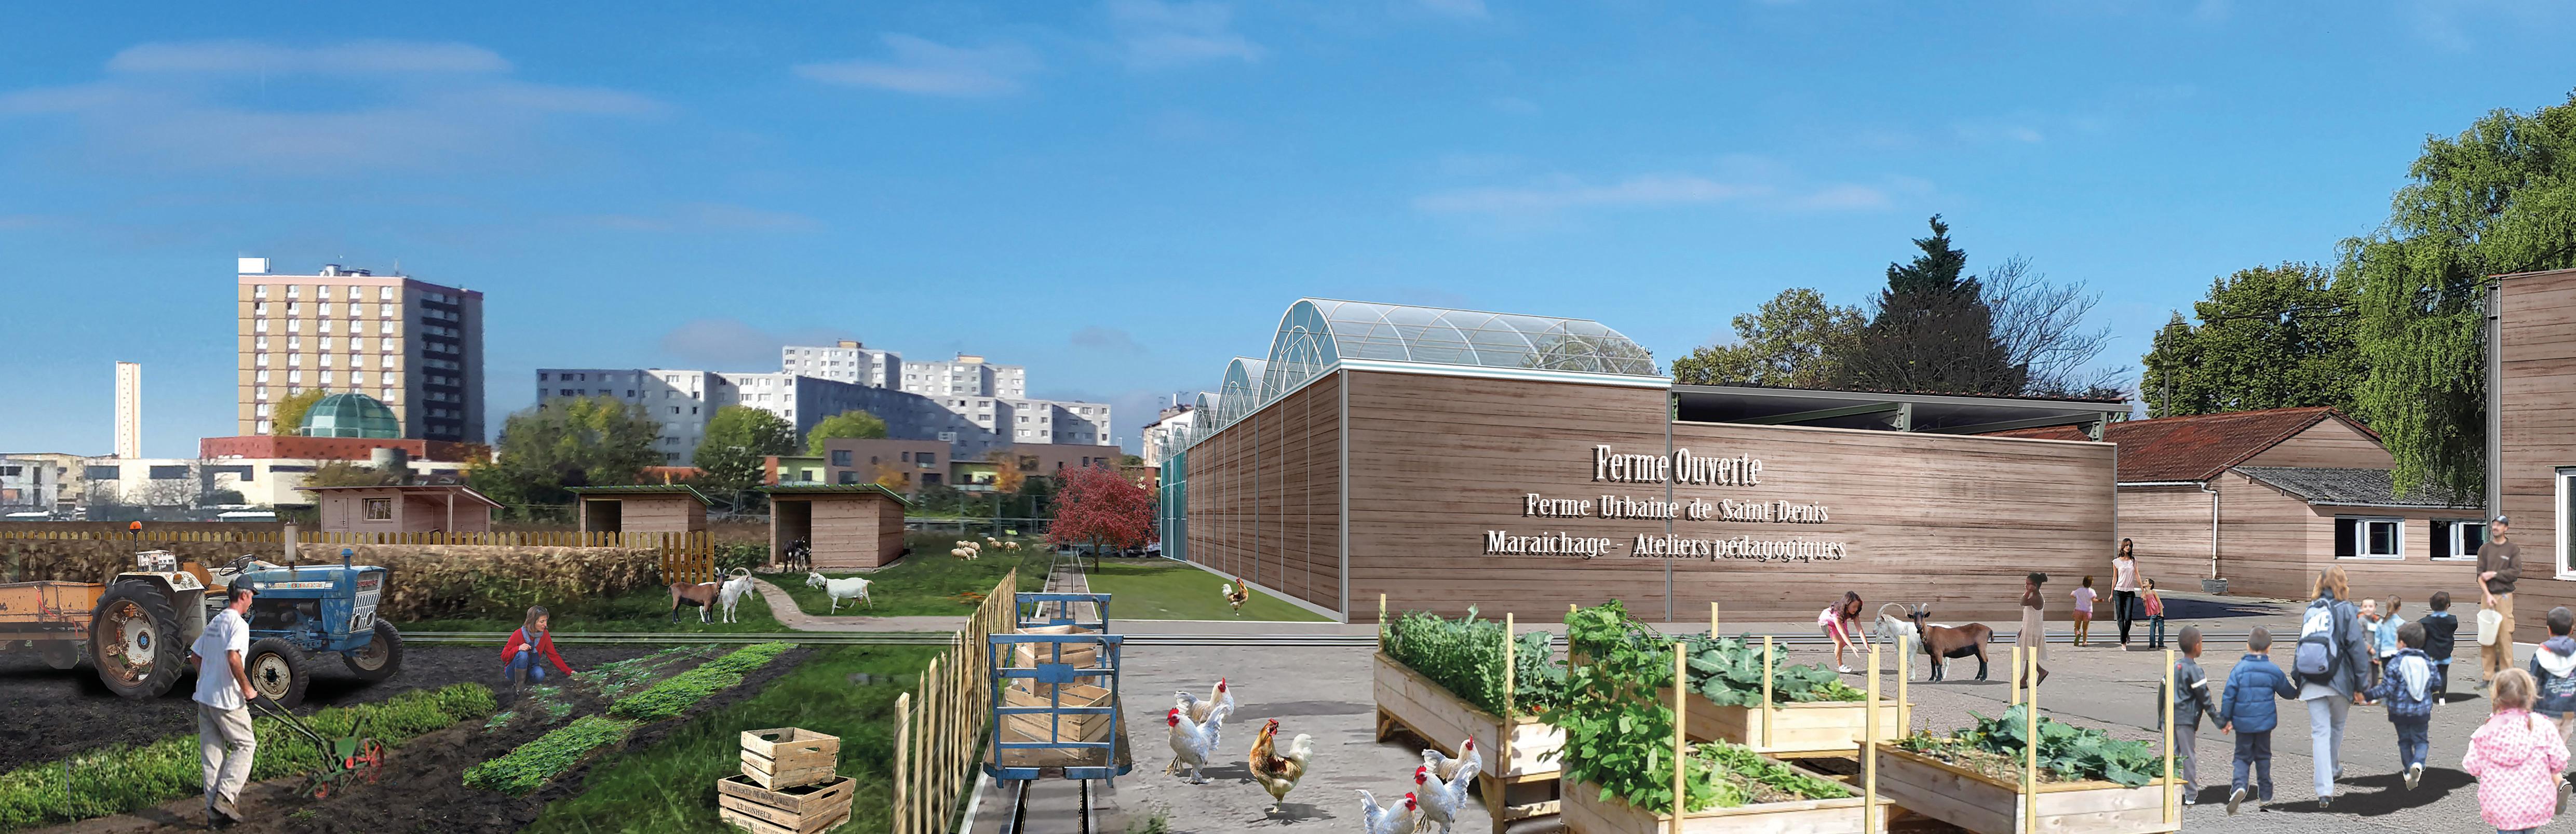 La Ferme urbaine de Saint-Denis (93) accueille, depuis le printemps 2018, une ferme ouverte, la production de cultures maraîchères et un espace de vente directe - © groupe Gally